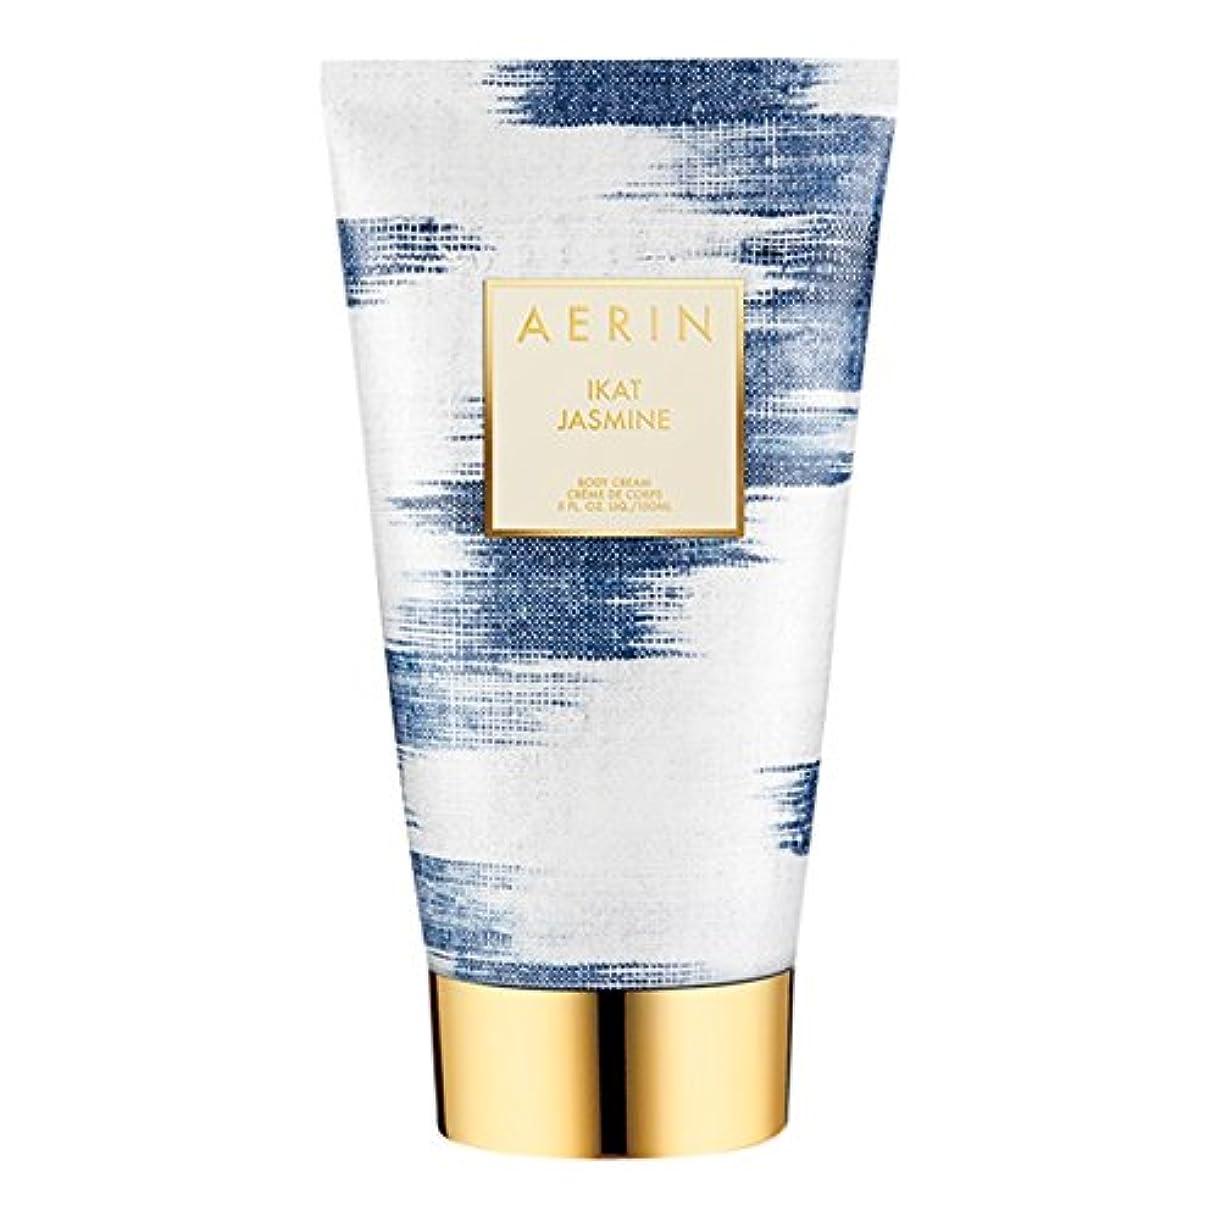 追記受信半球Aerinイカットジャスミンボディクリーム150ミリリットル (AERIN) (x2) - AERIN Ikat Jasmine Body Cream 150ml (Pack of 2) [並行輸入品]